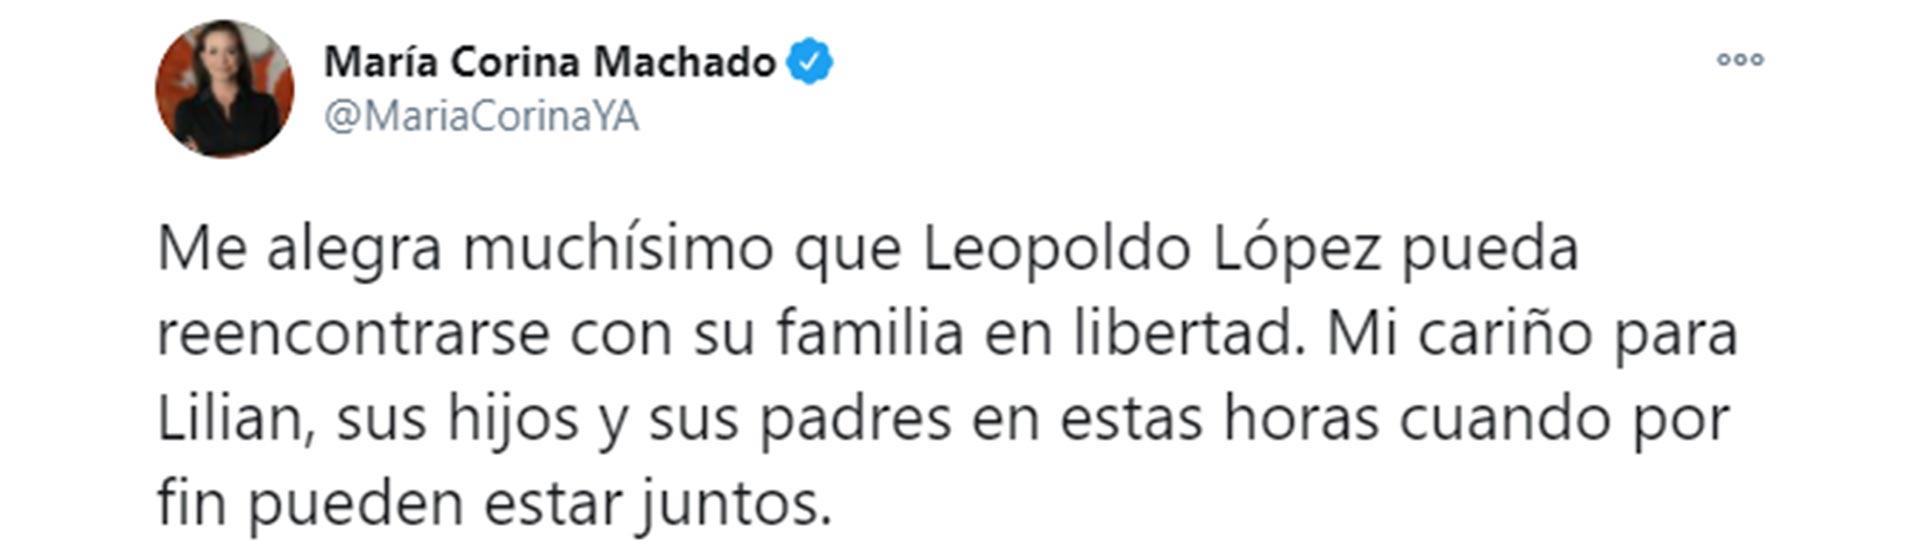 El tuit de María Corina Machado